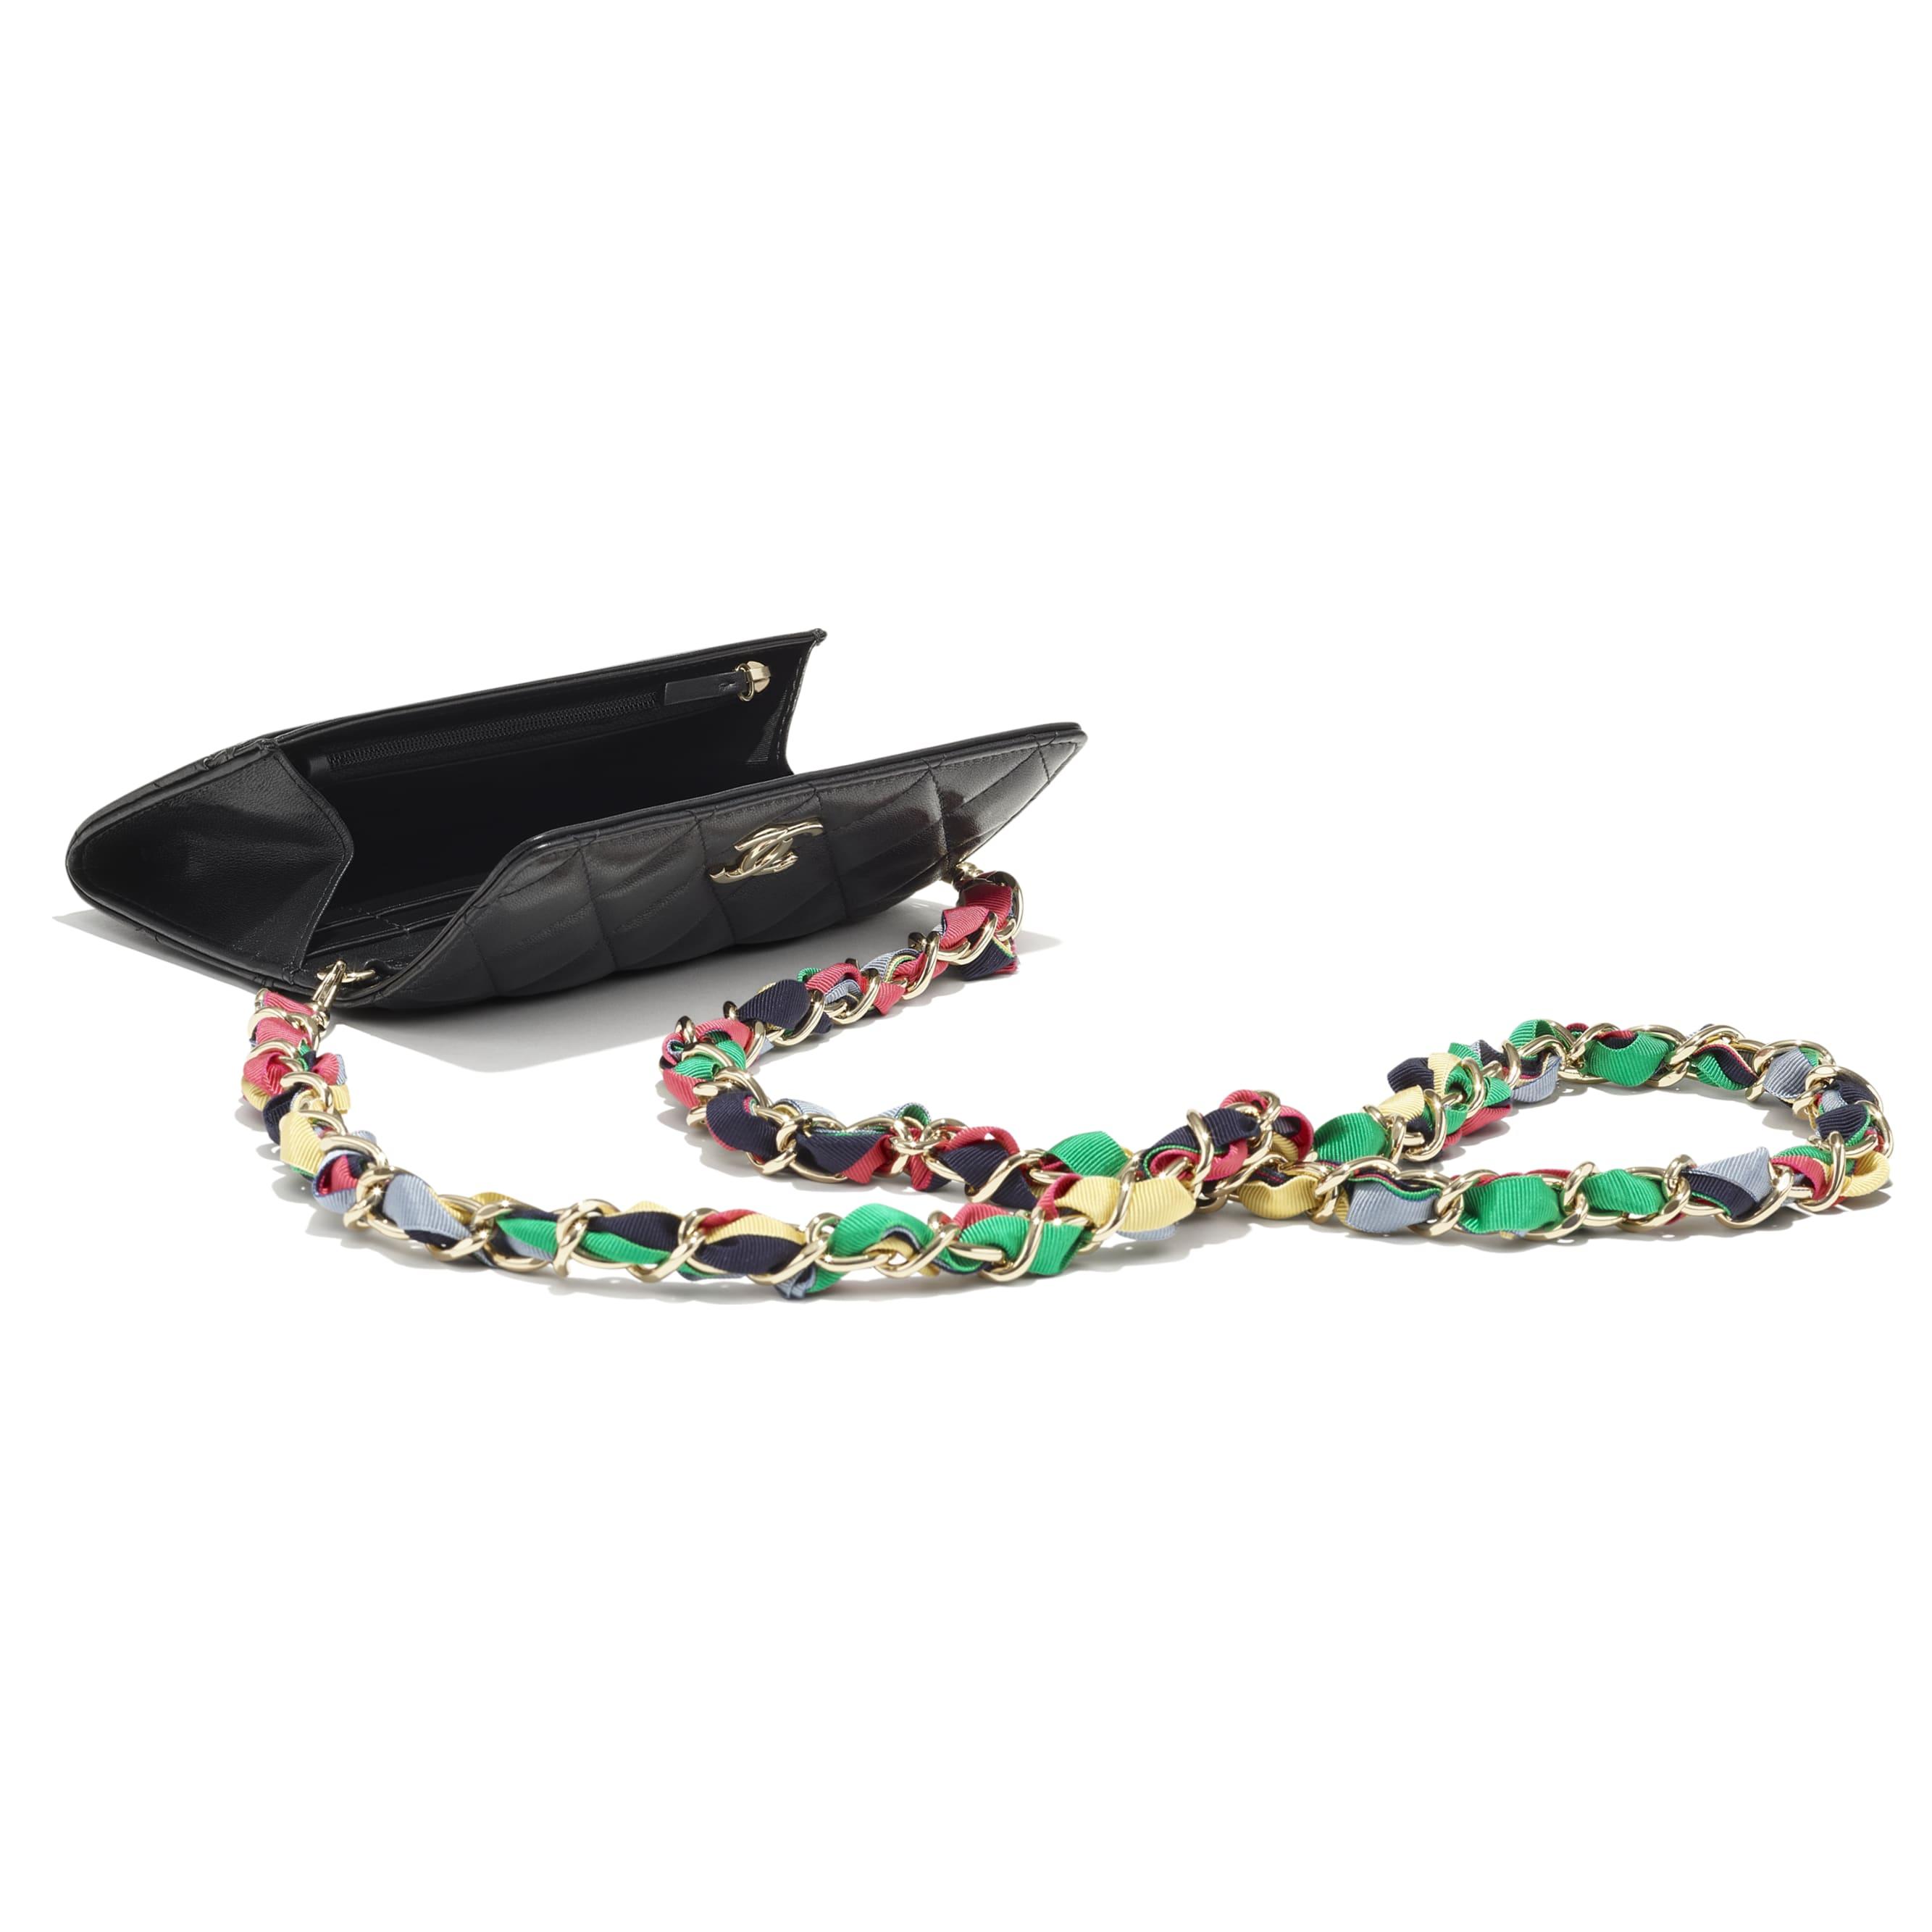 Pochette avec chaîne - Noir - Agneau brillant, ruban & métal doré - CHANEL - Autre vue - voir la version taille standard